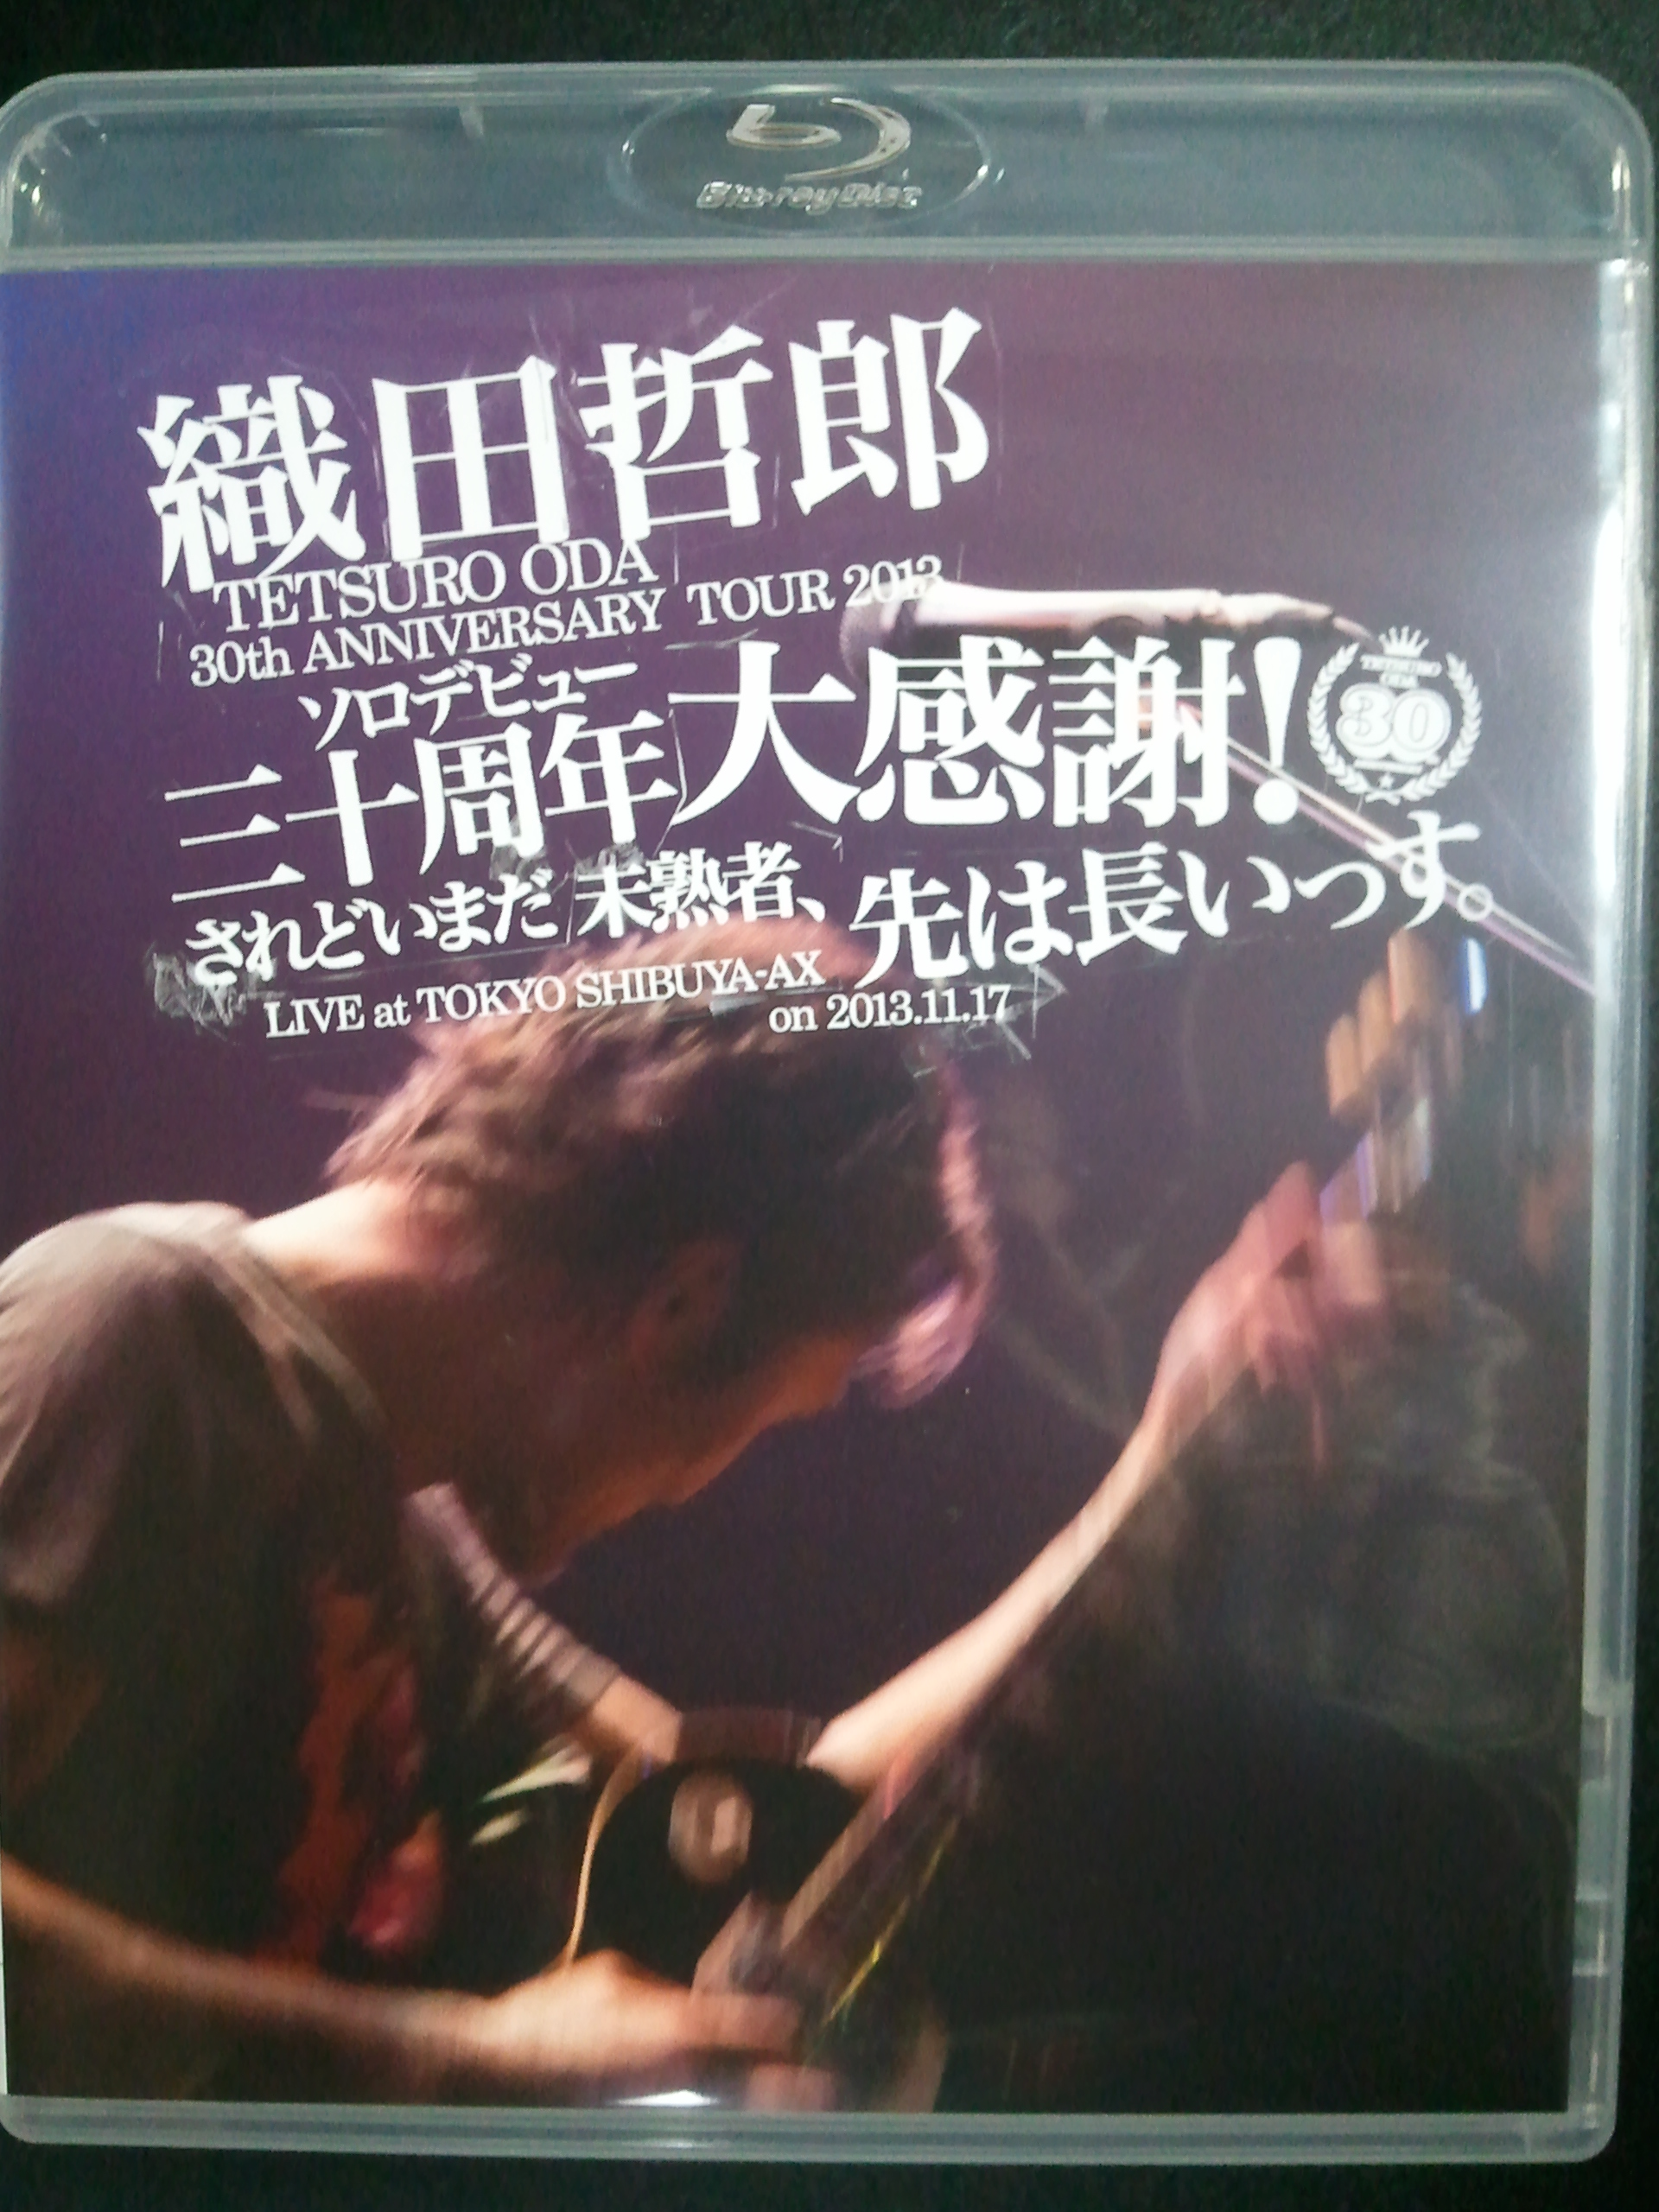 織田哲郎 ソロデビュー30周年大感謝! されどいまだ未熟者、先は長いっす